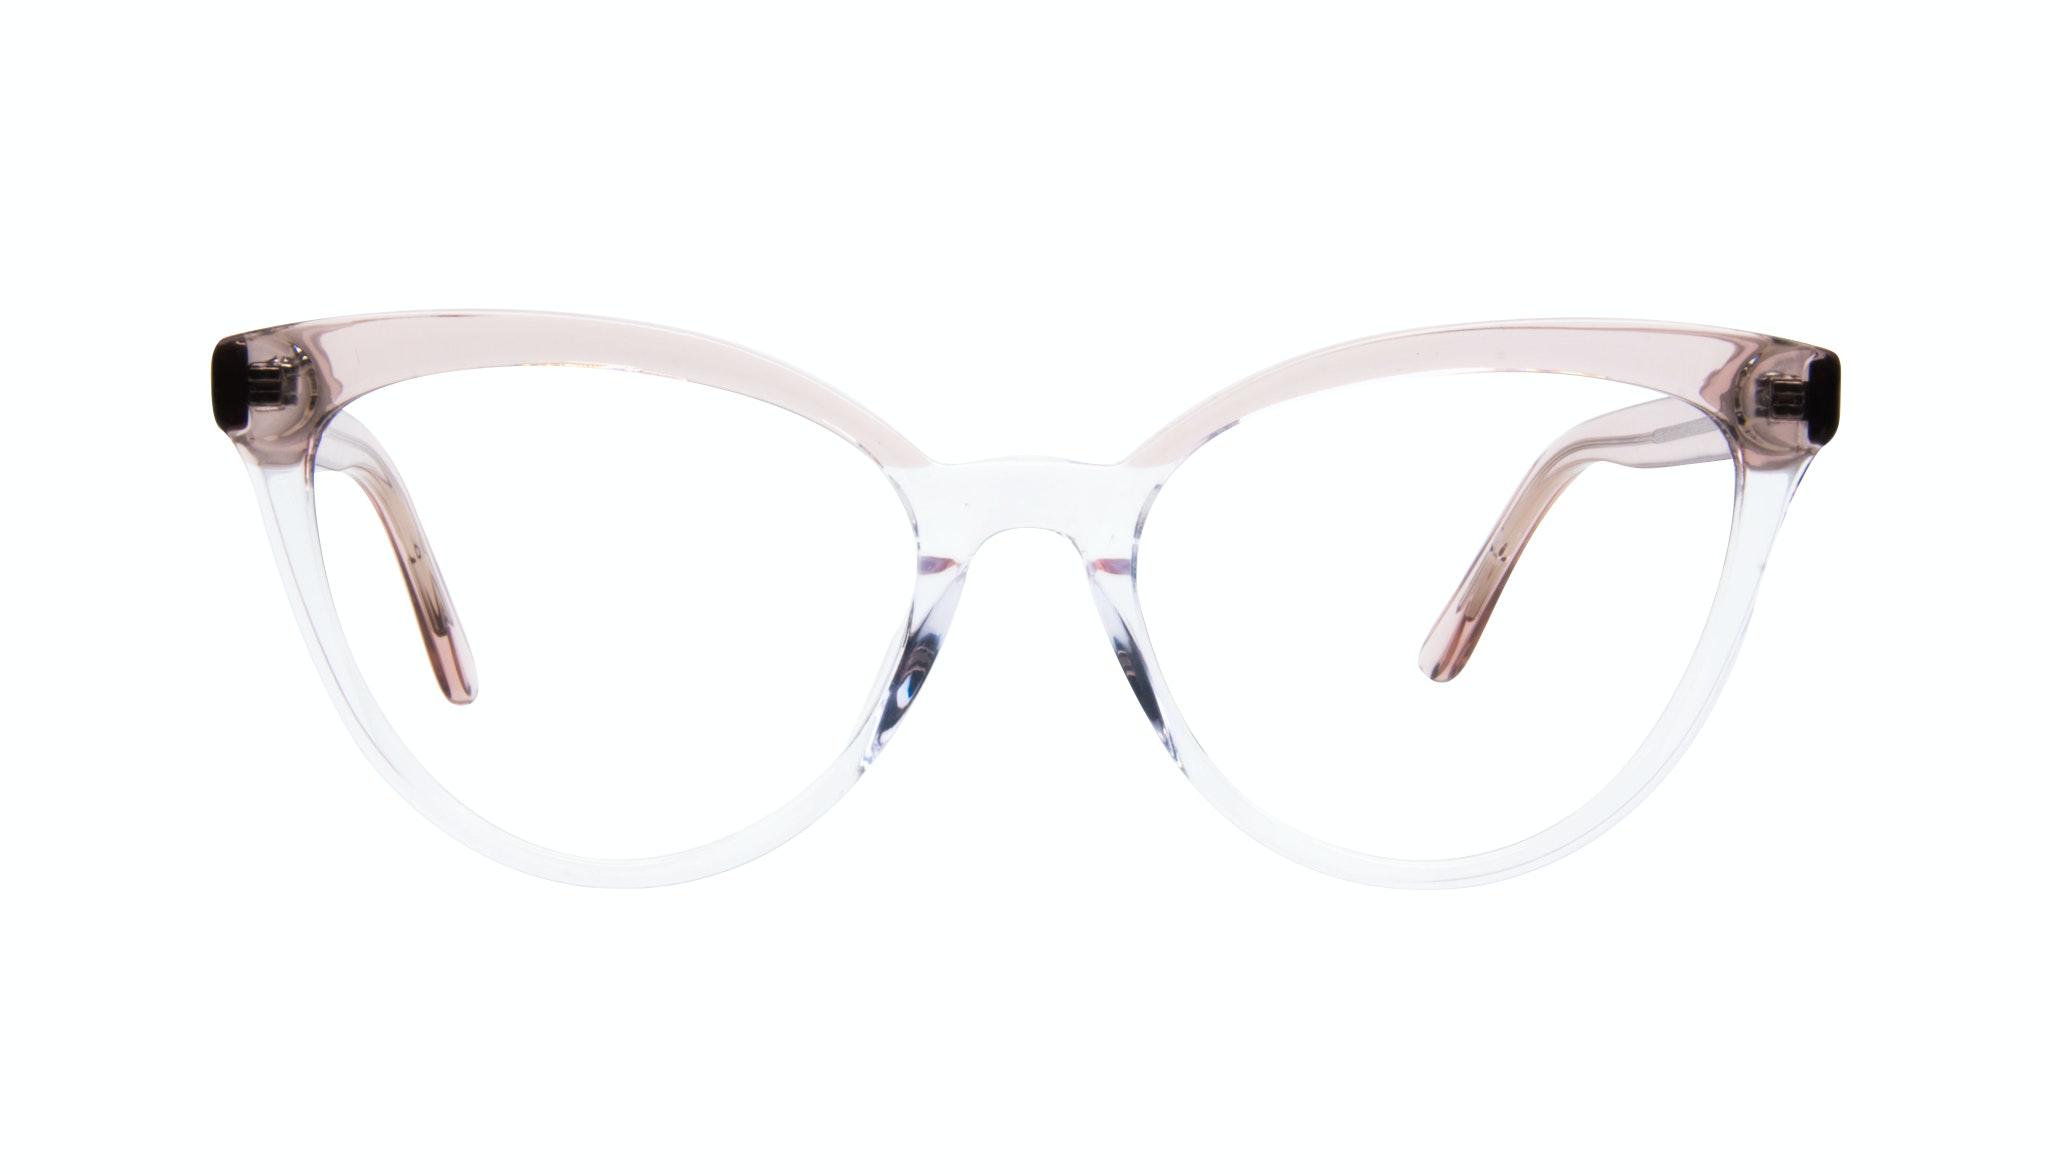 Lunettes tendance Oeil de chat Optiques Femmes Reverie Clear rose